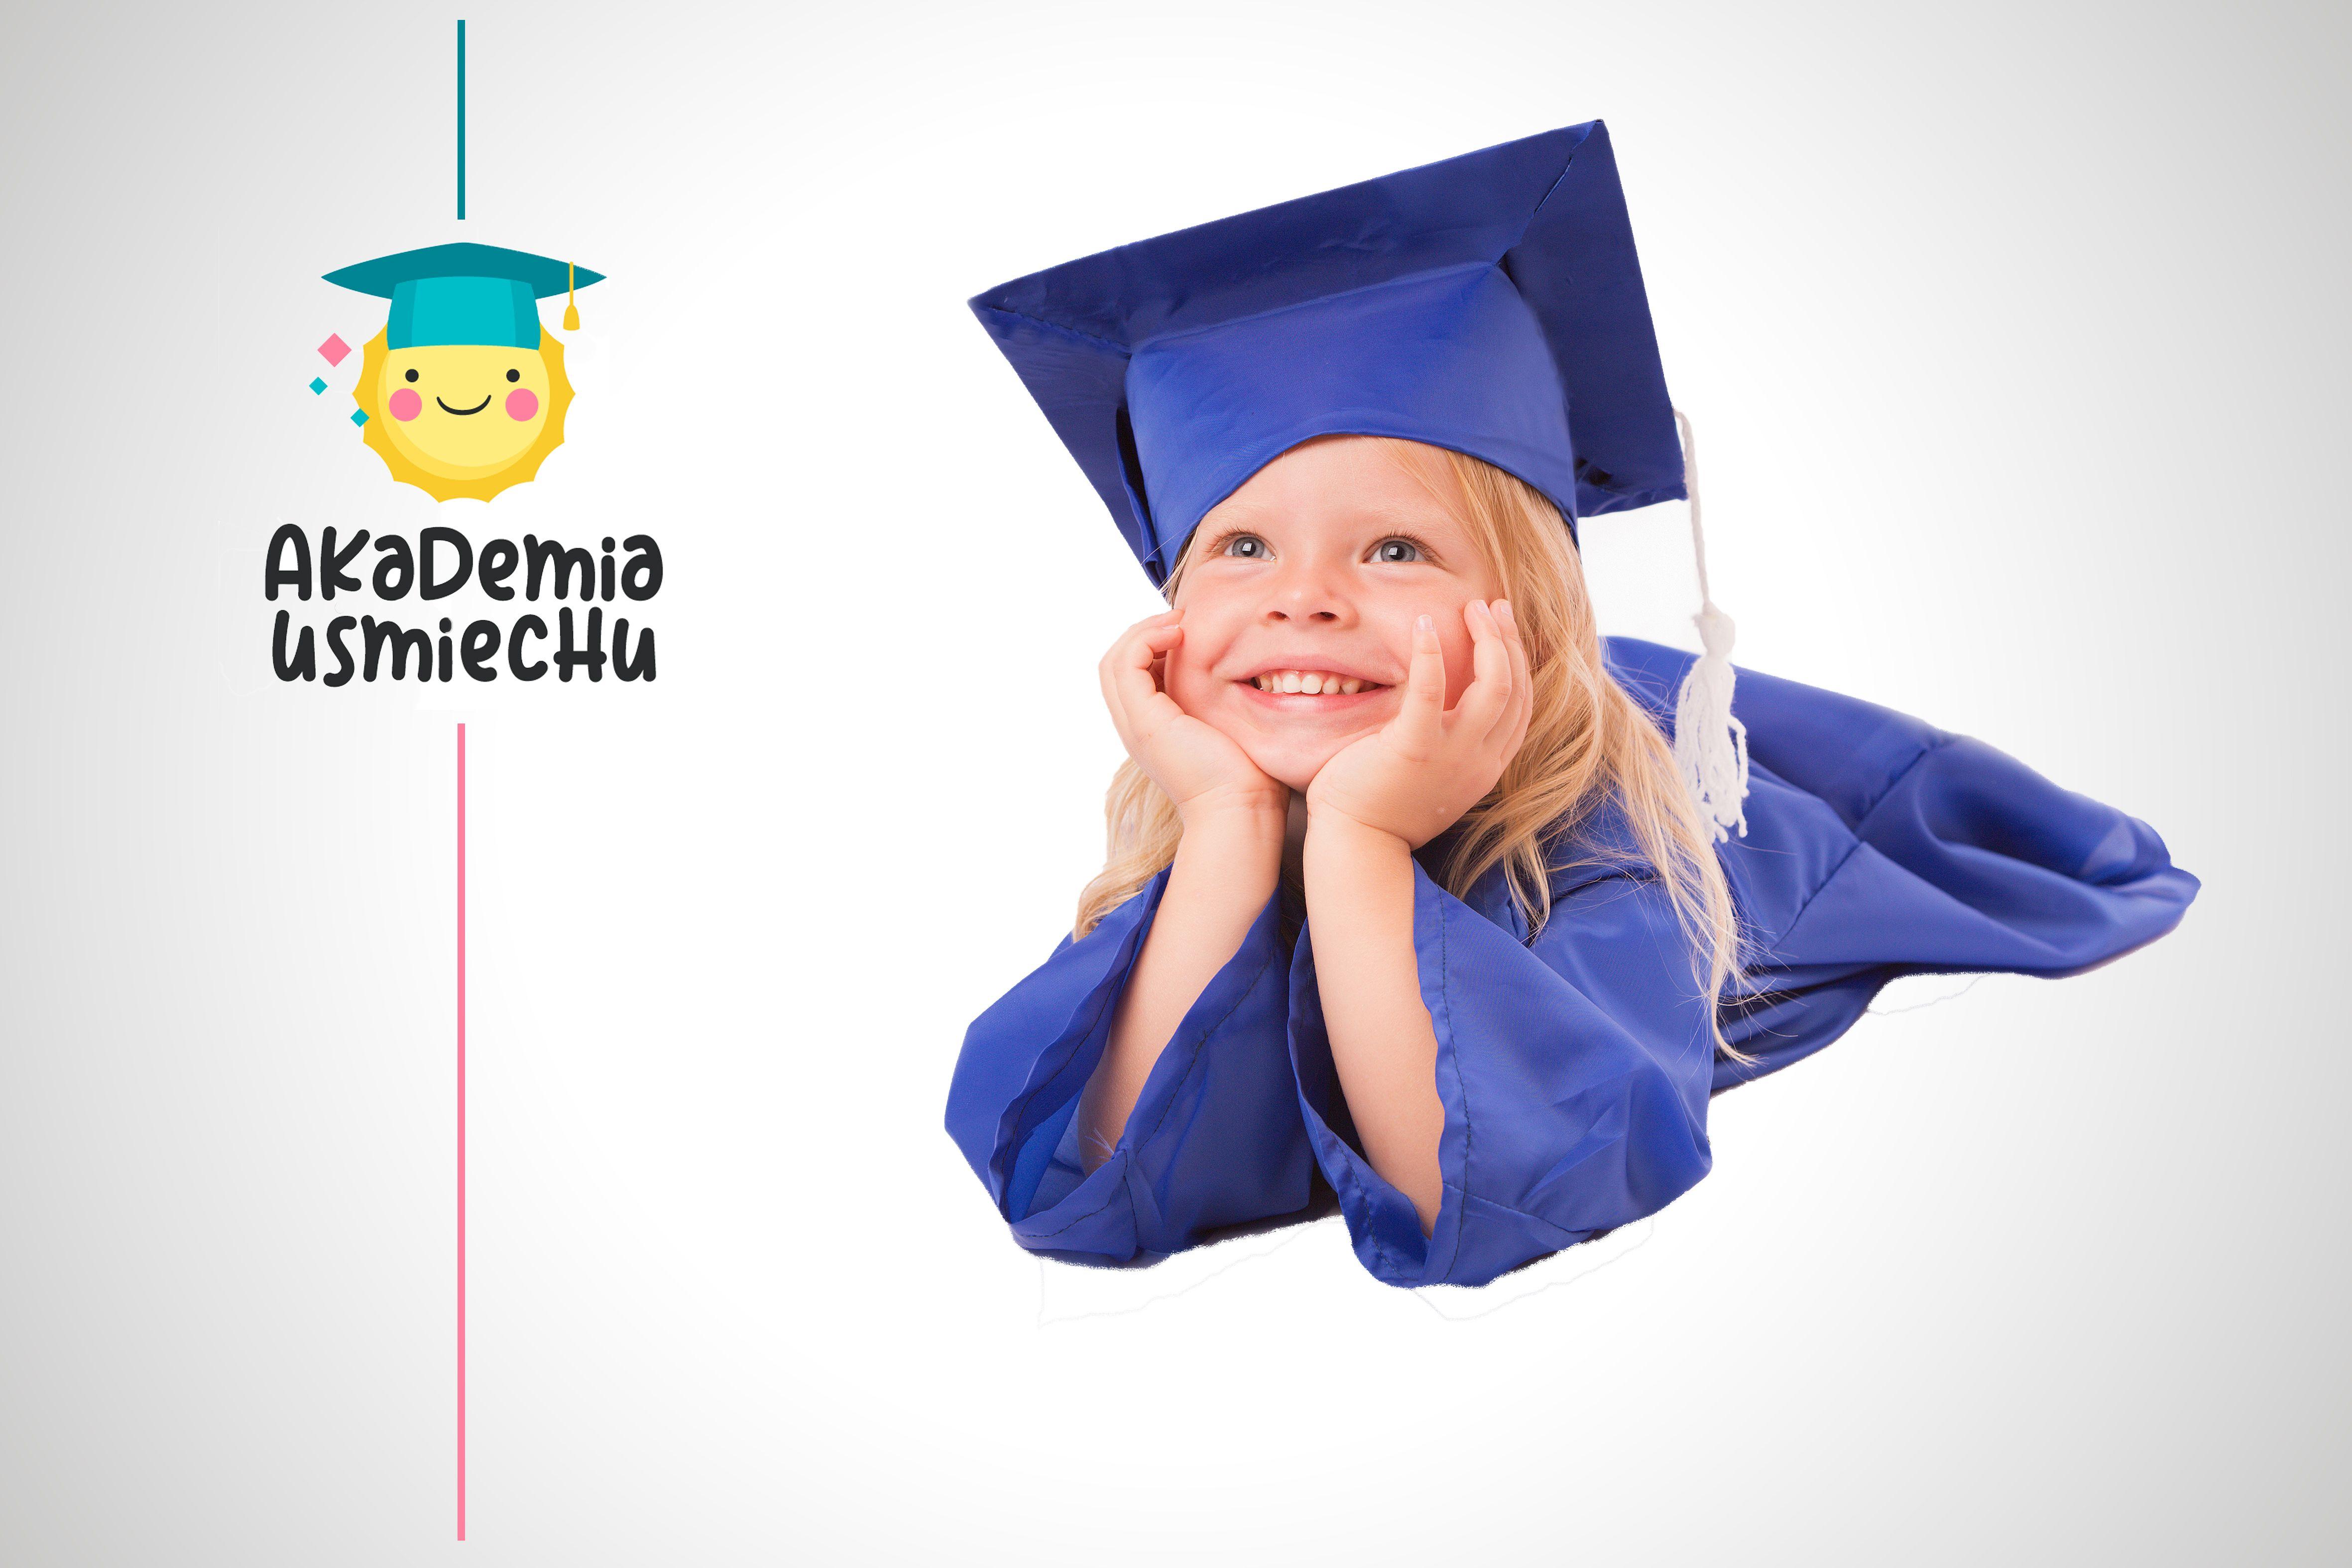 Szukasz rozwijających zajęć dla swojego dziecka? Zapraszamy do Akademii Uśmiechu :)